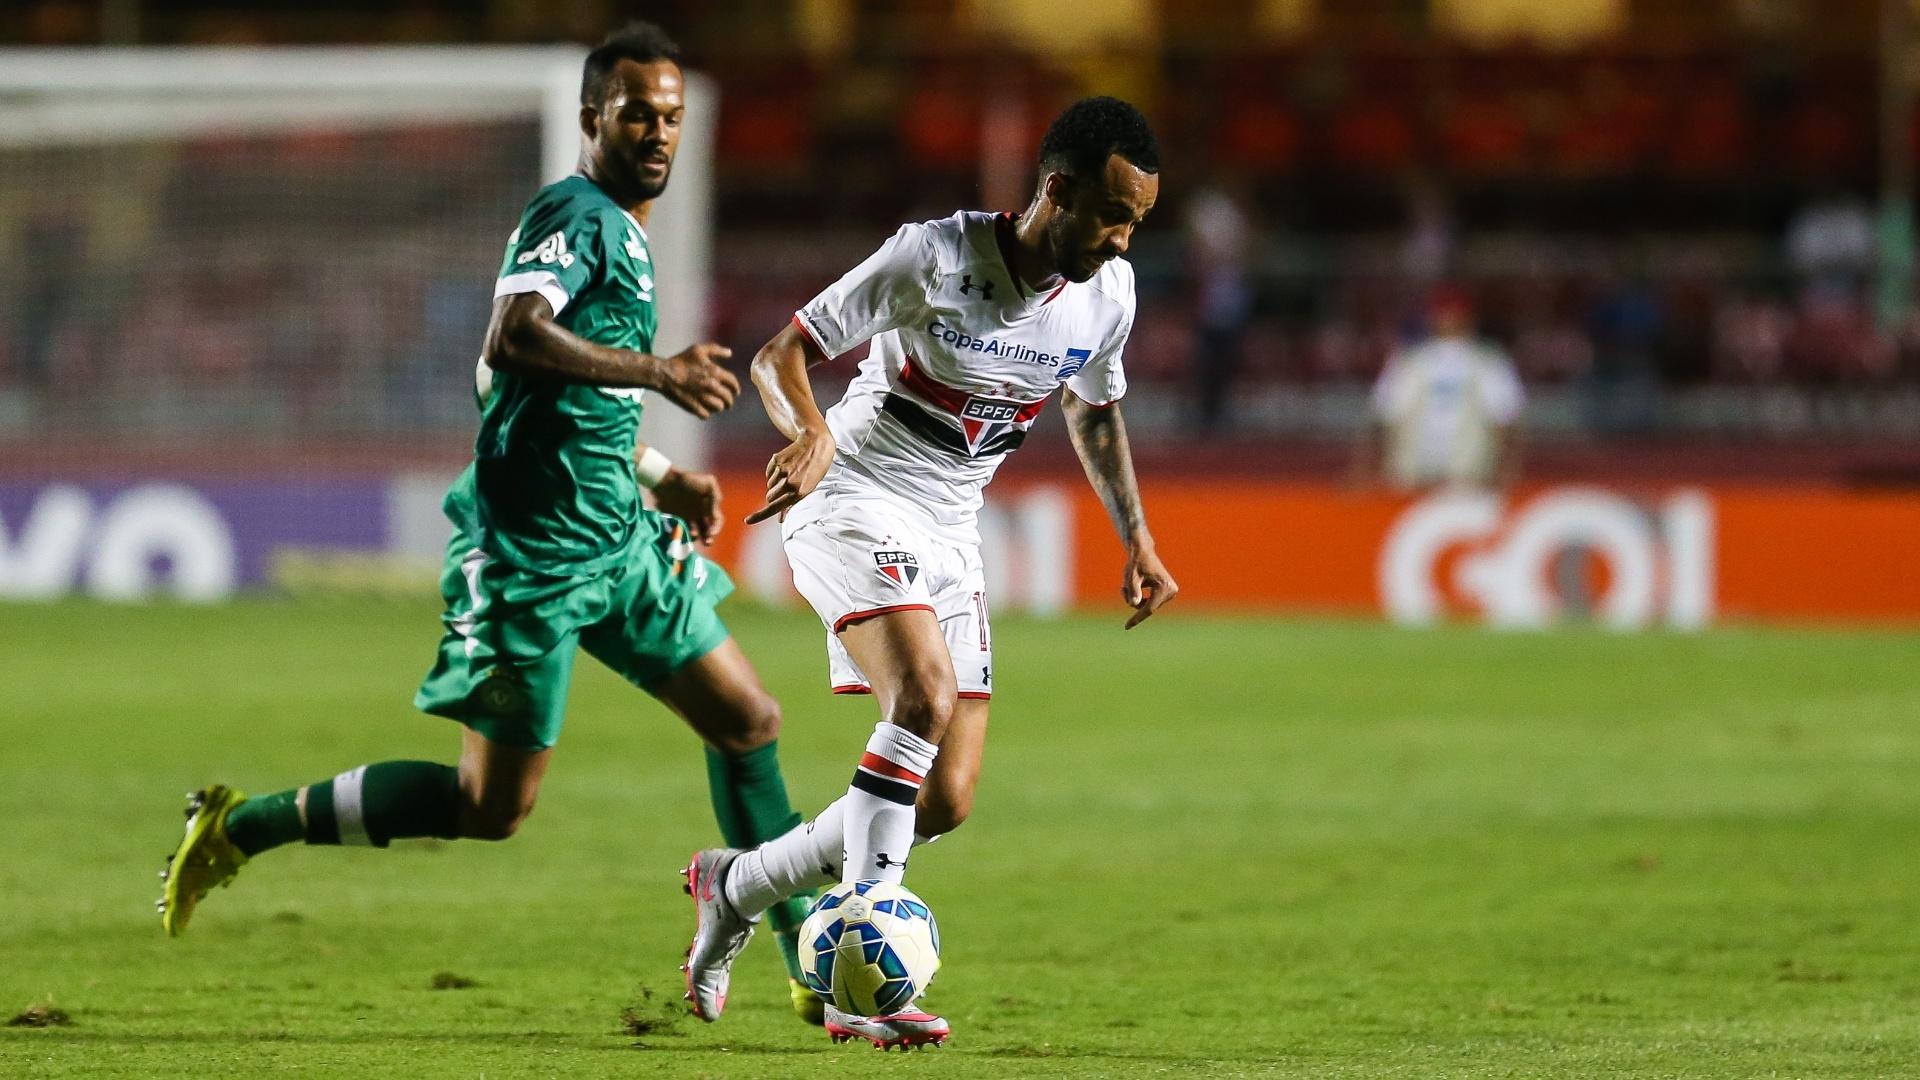 Wesley carrega a bola em lance da partida entre São Paulo e Chapecoense, no Campeonato Brasileiro